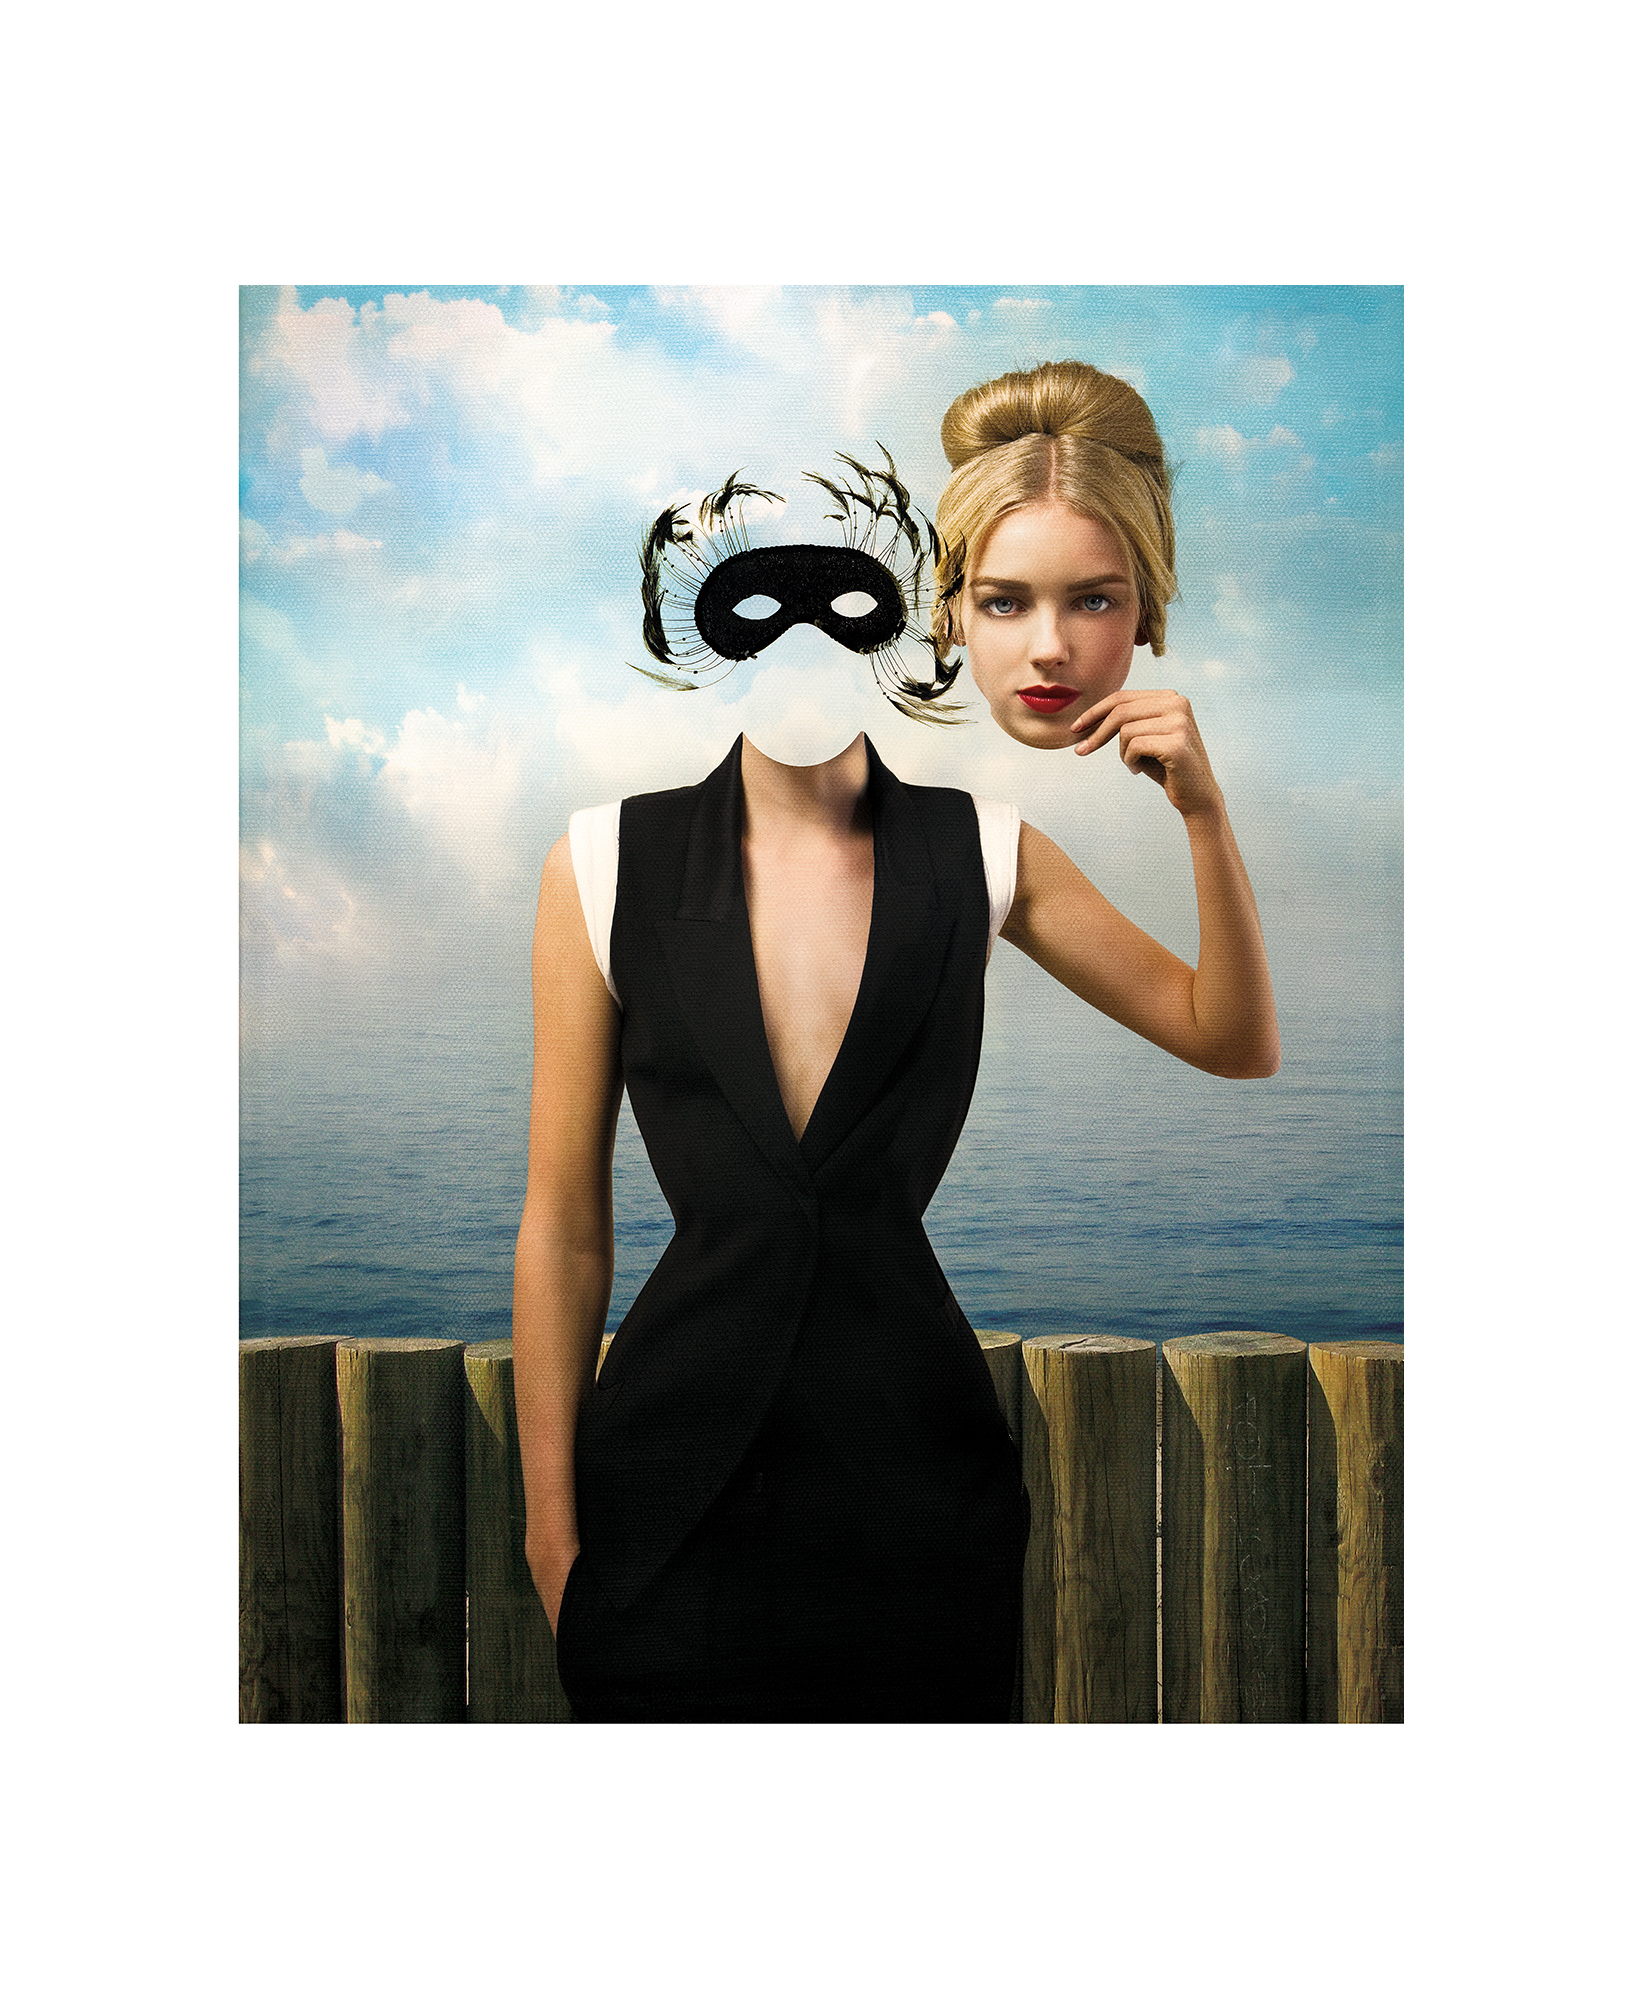 magritte 04.jpg